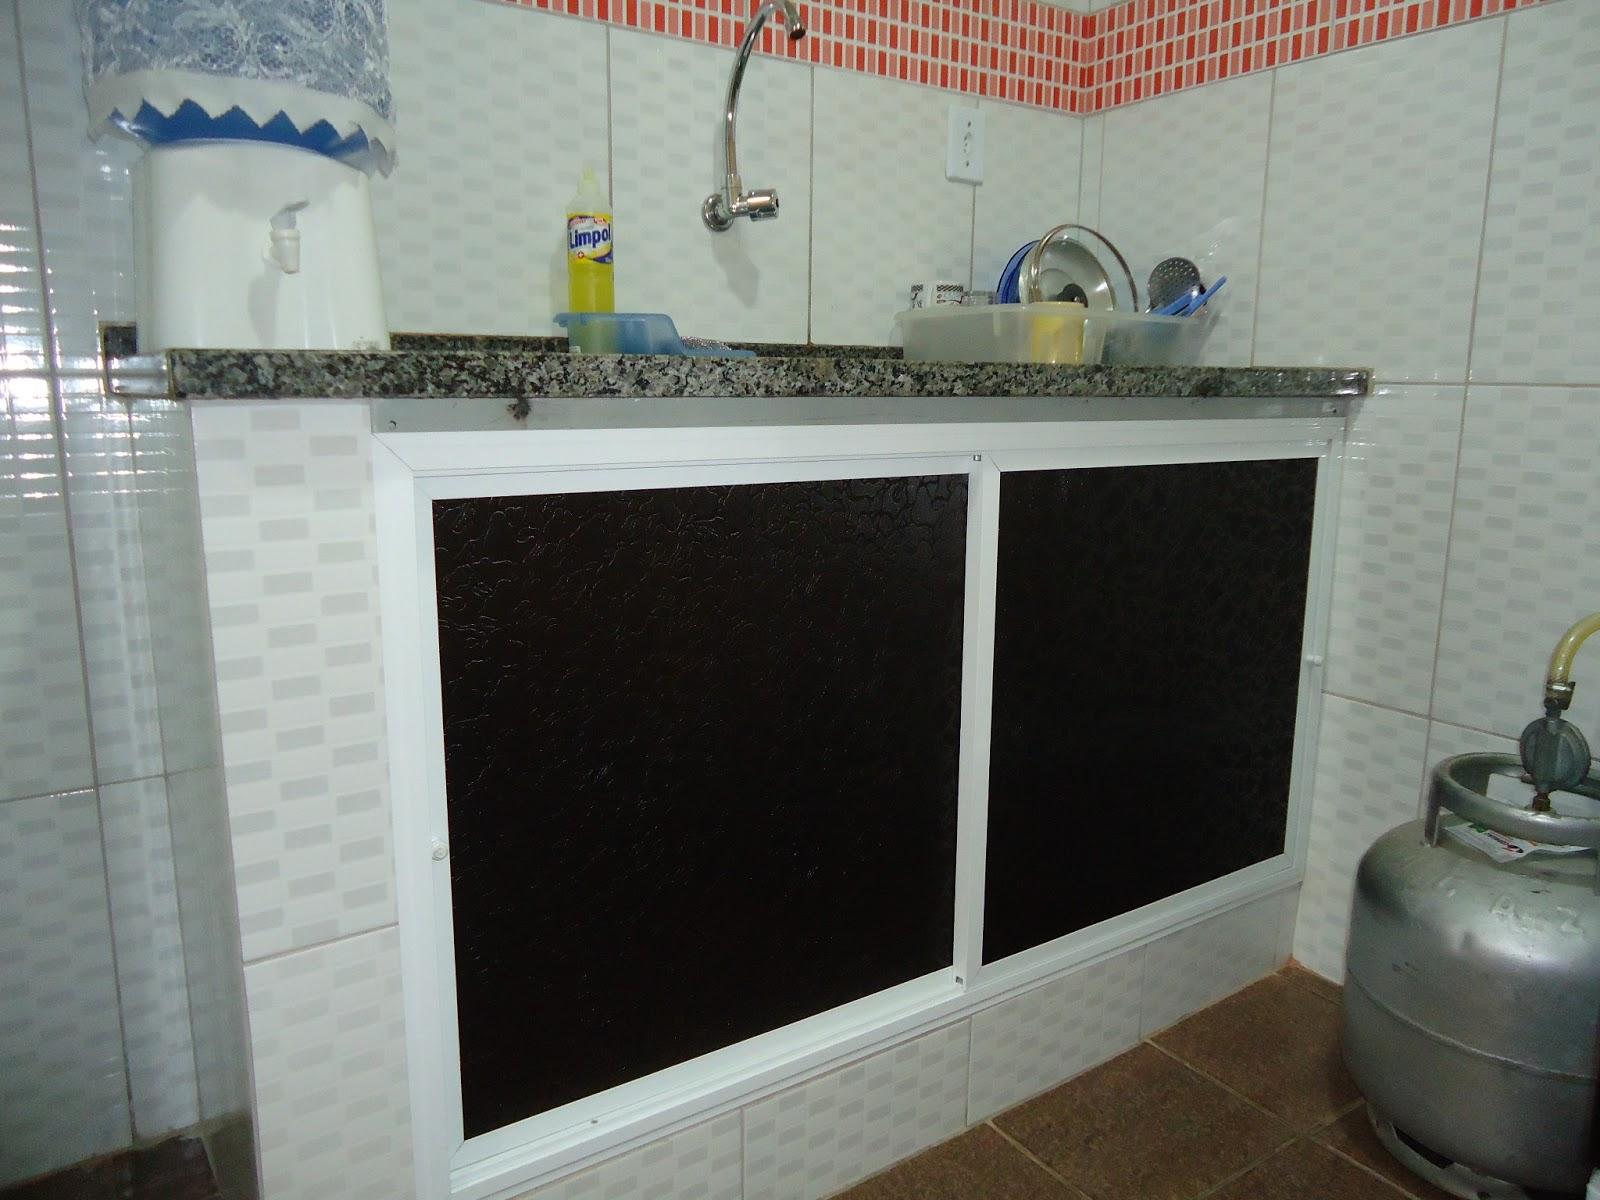 Portas para pias de cozinha – Loja cem moveis guarda roupa #8D4533 1600x1200 Balança De Banheiro Lojas Americanas